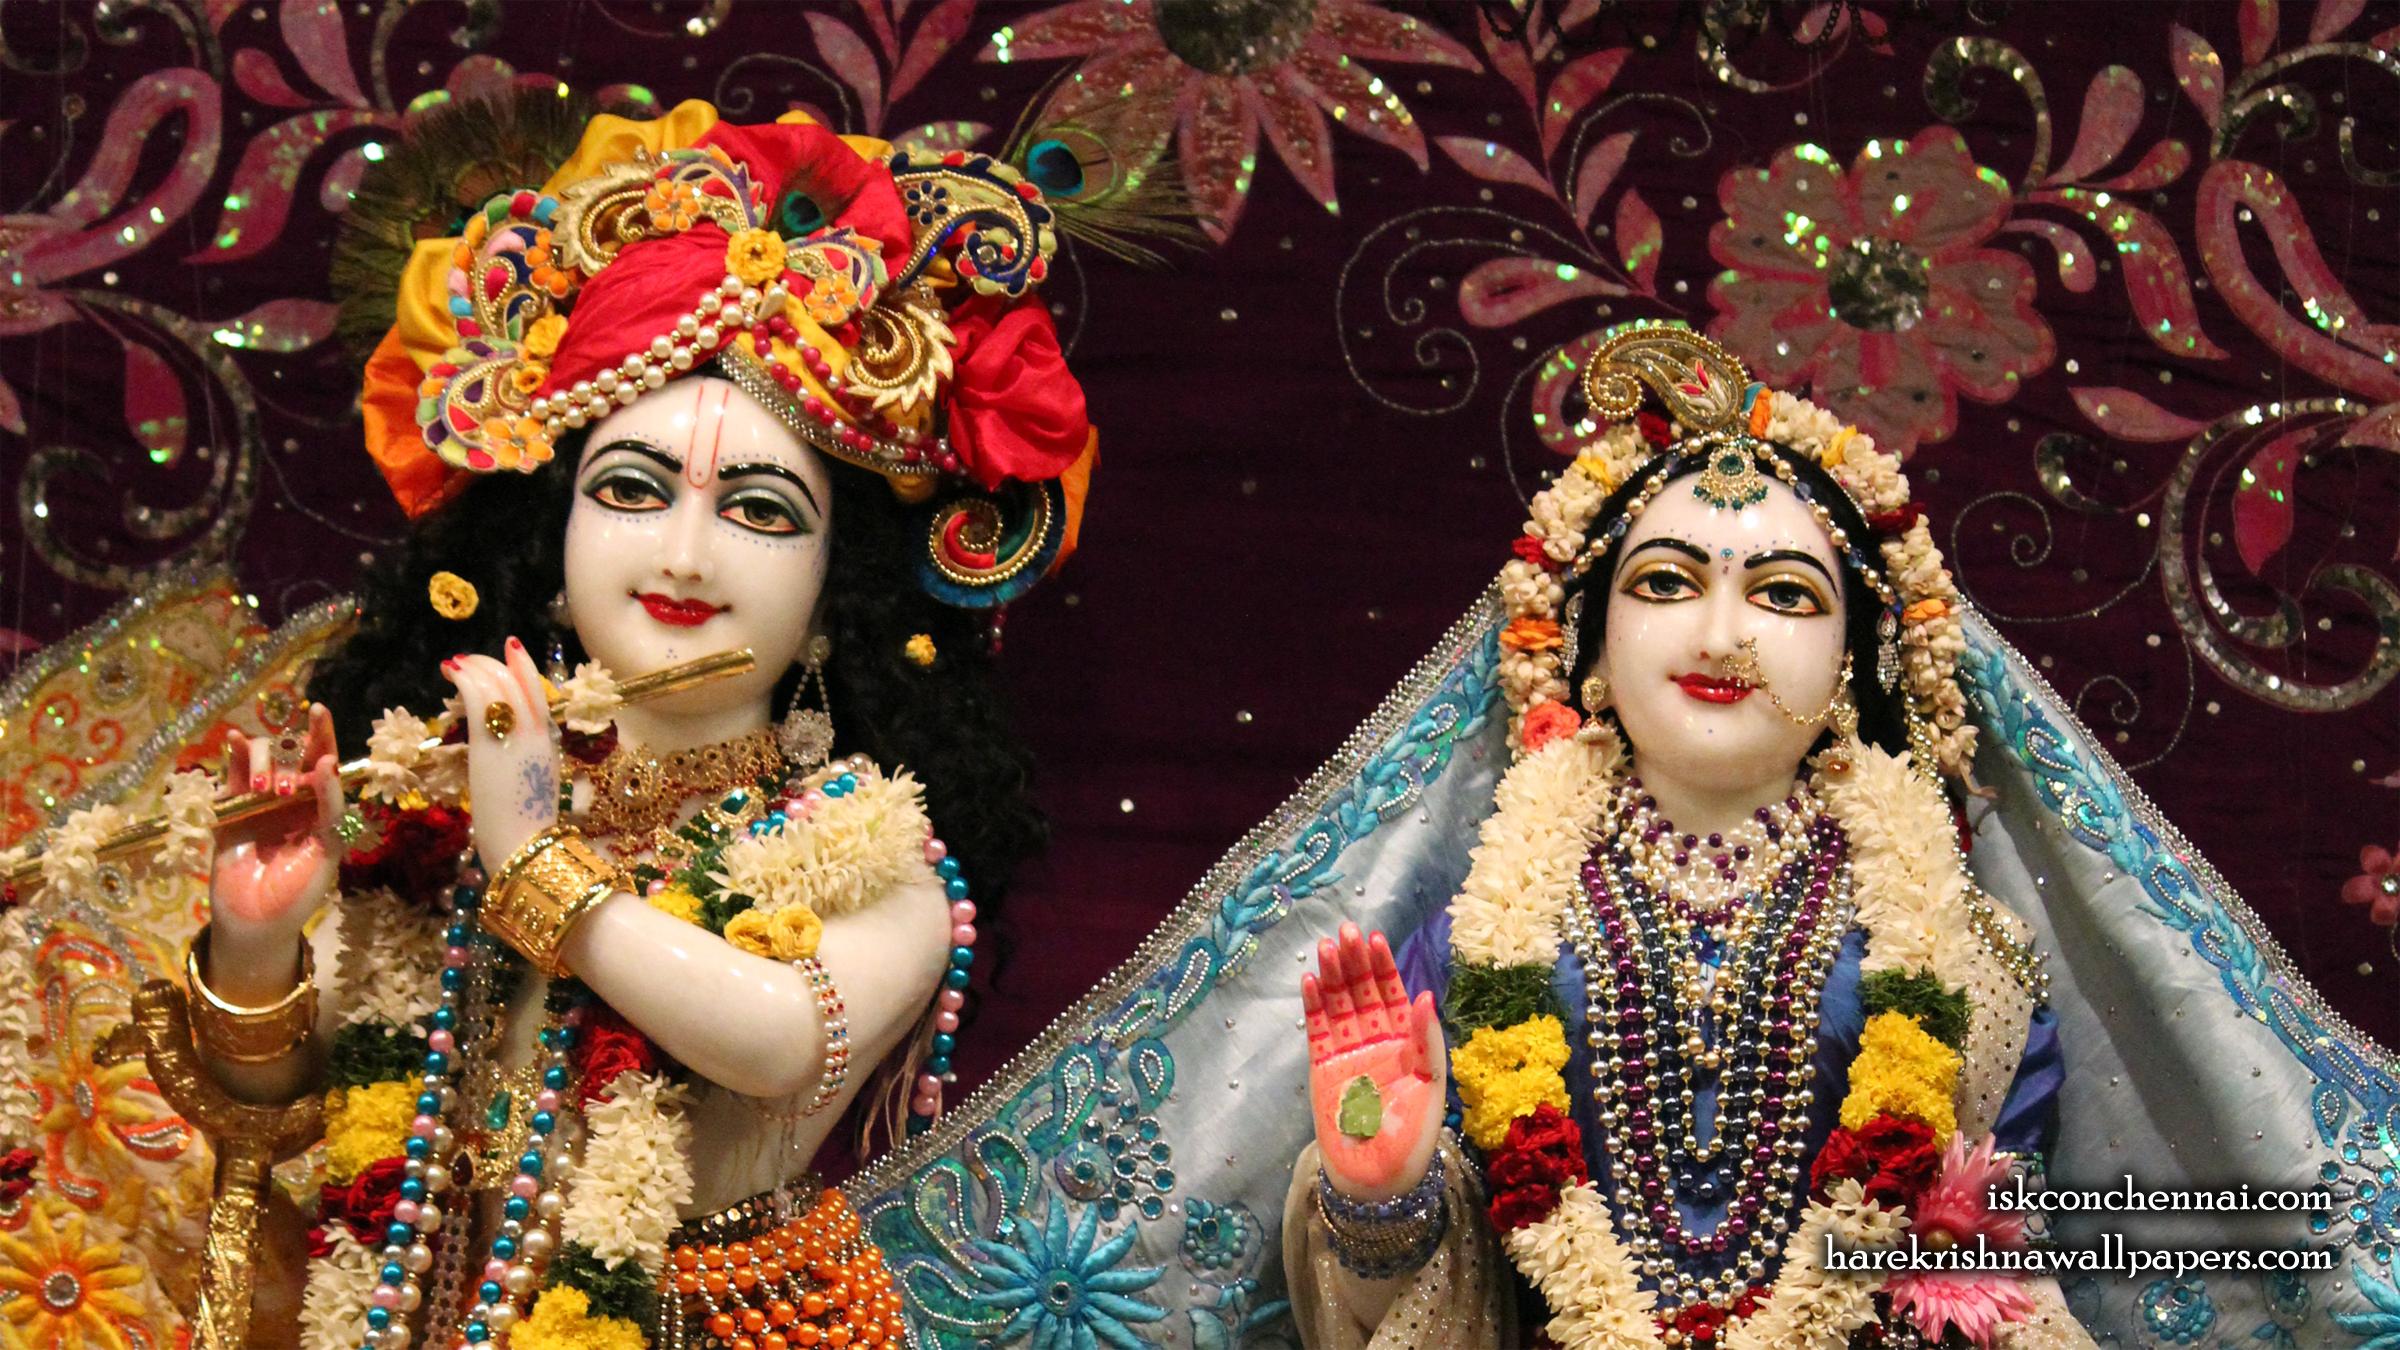 Sri Sri Radha Krishna Close up Wallpaper (012) Size 2400x1350 Download